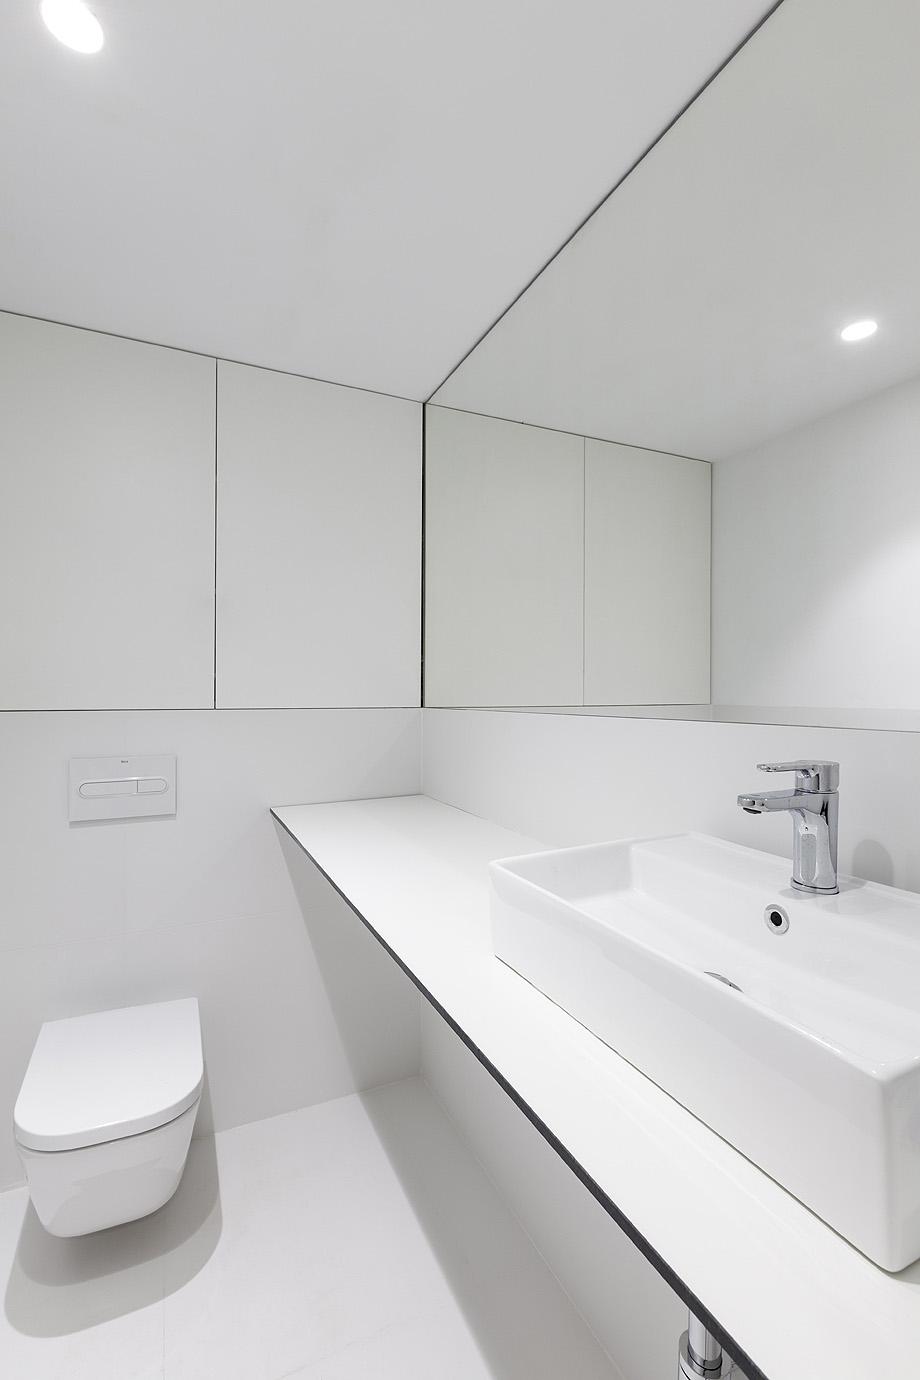 farmacia j3 de ciria alvarez arquitectos - foto fernando andres (6)